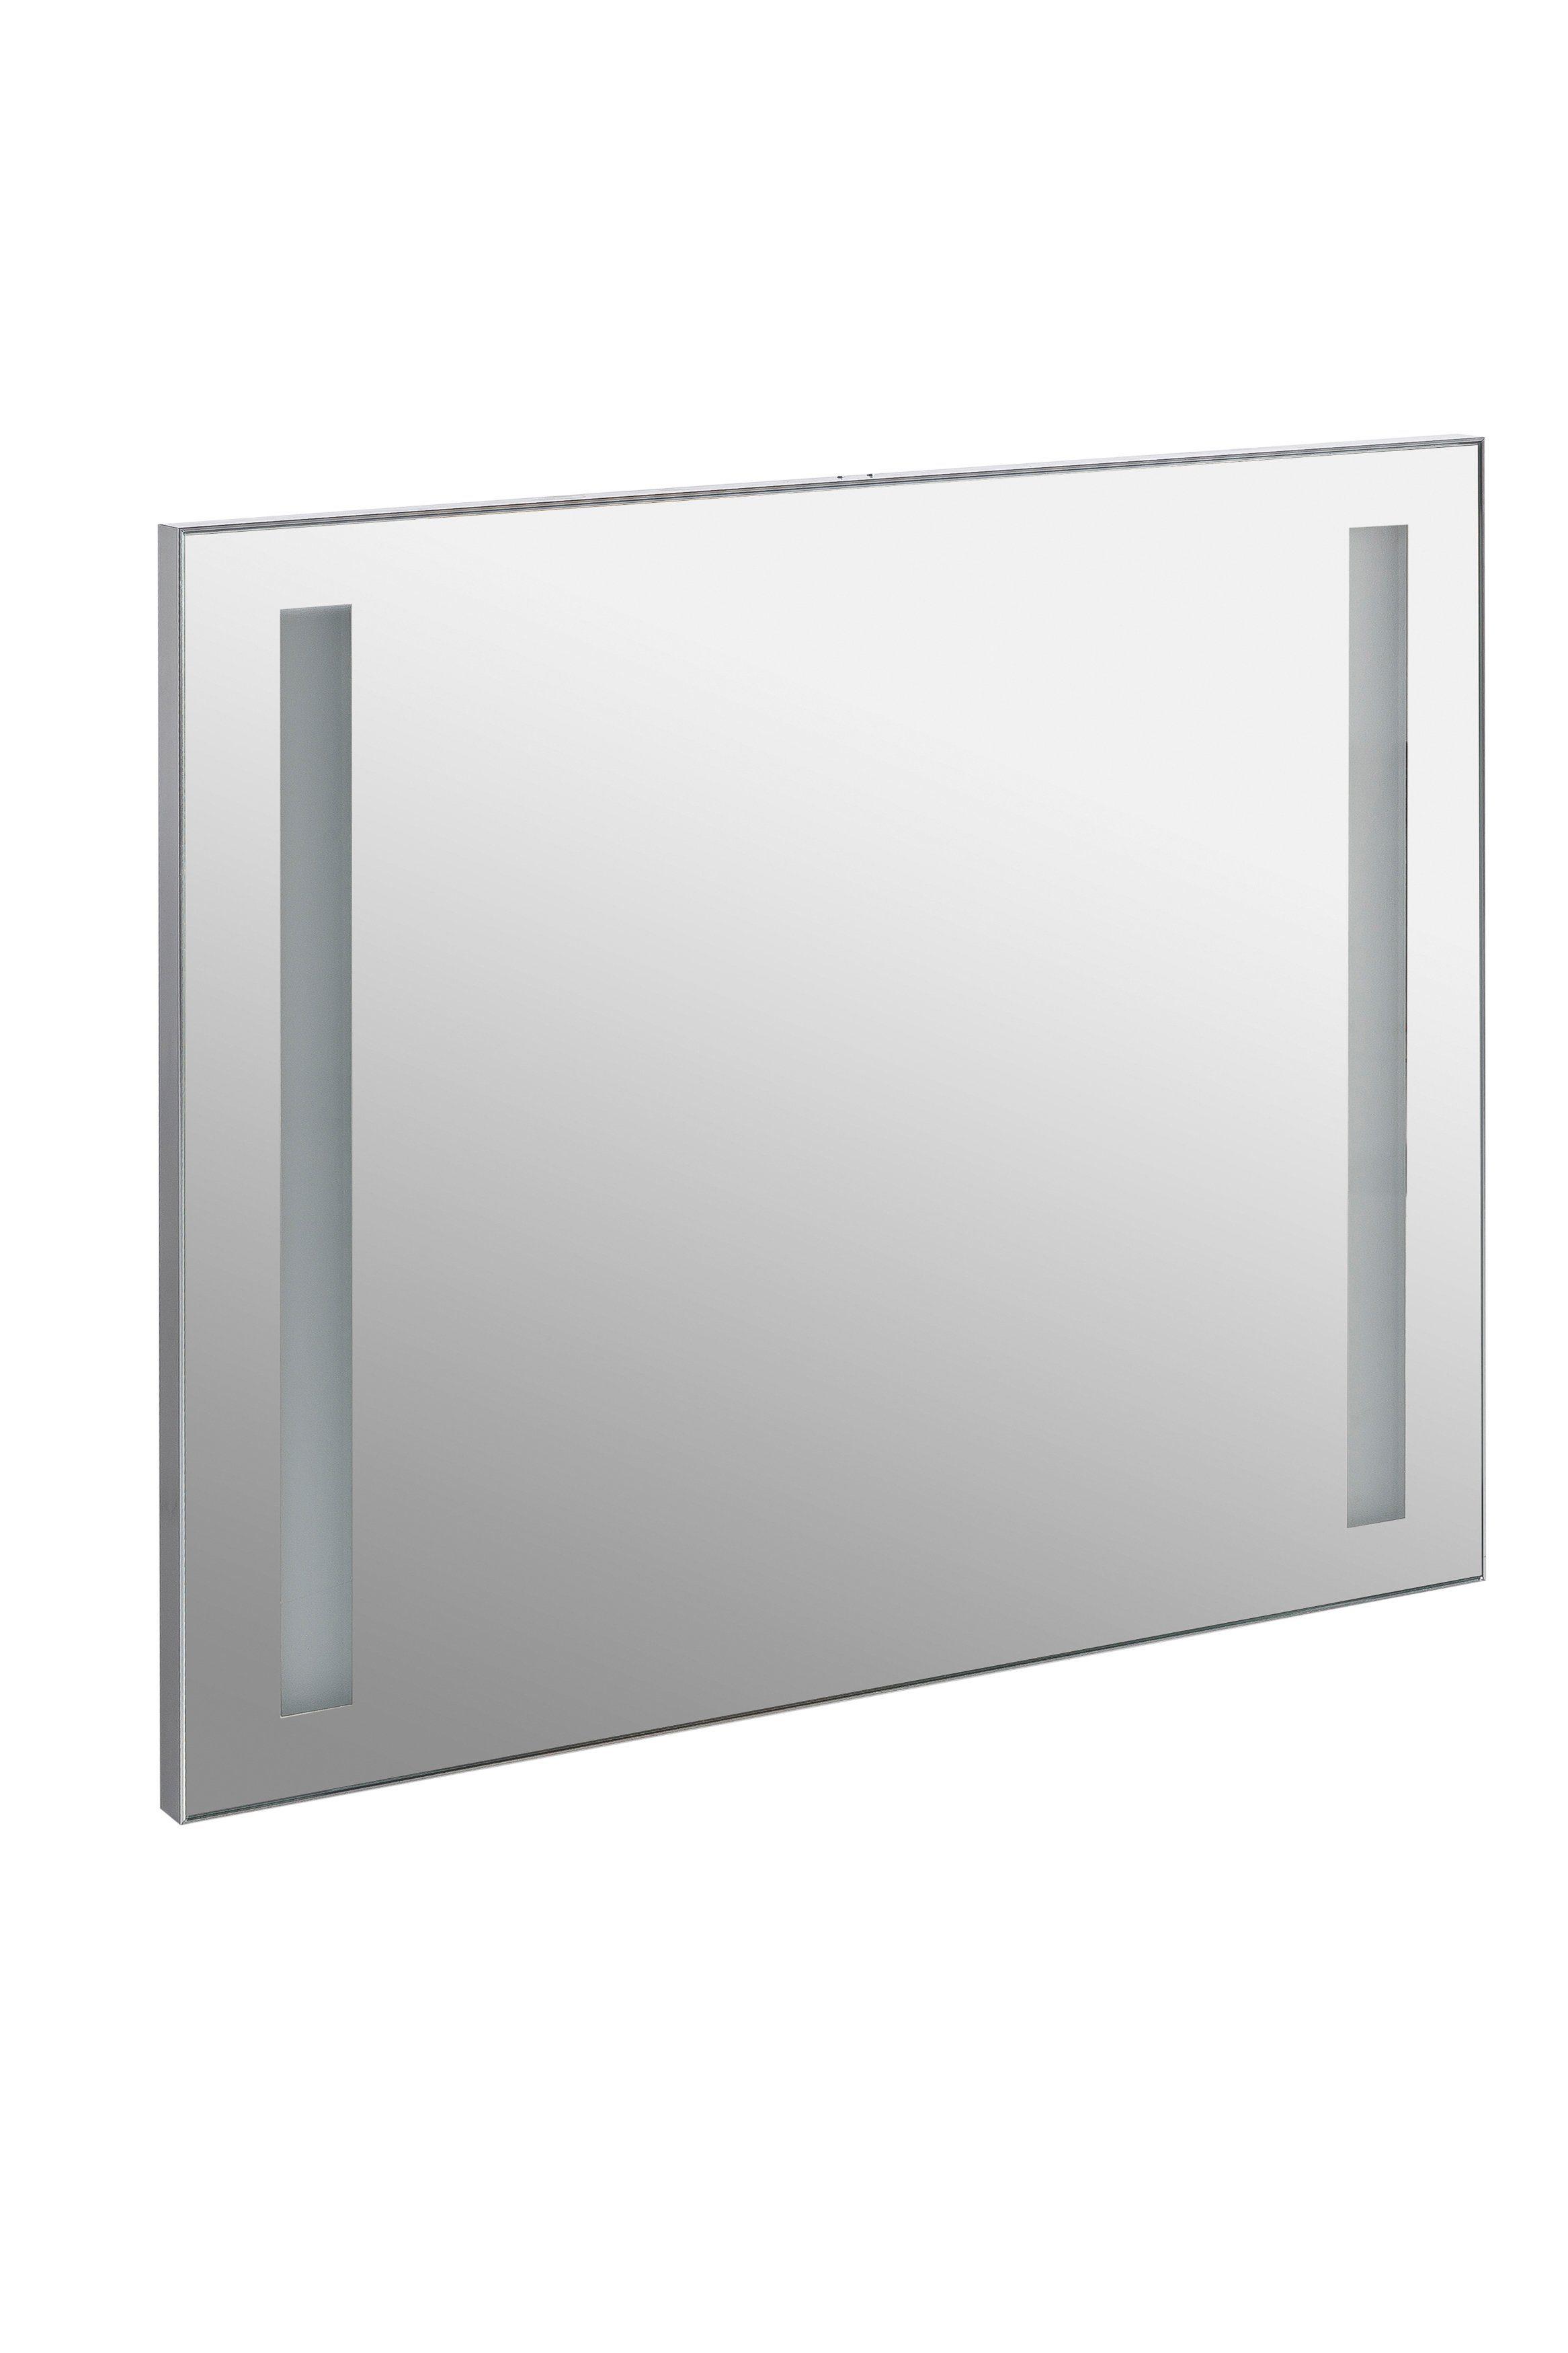 Schildmeyer Spiegel / Badspiegel »Irene« Breite 70 cm, mit Beleuchtung